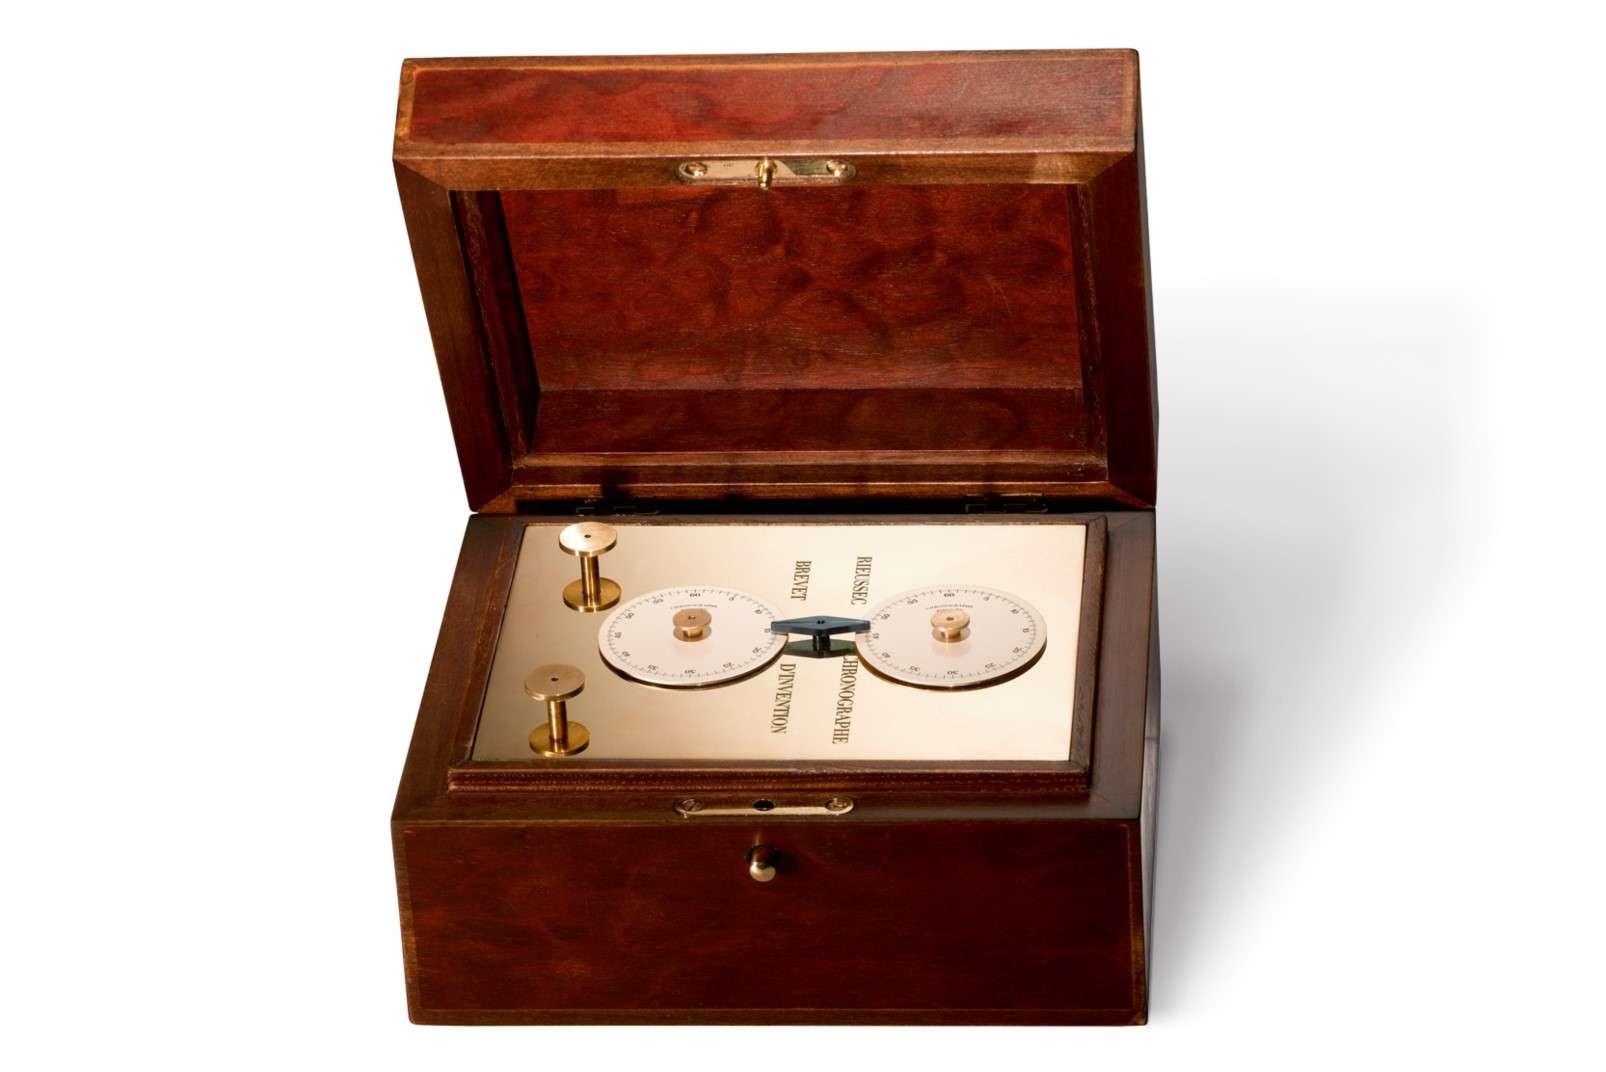 La macchina cronografica inventato da Nicolas Rieussec, foto di Dominique Cohas - Fondation de la Haute Horlogerie, Genève, Suisse, CC BY-SA 3.0